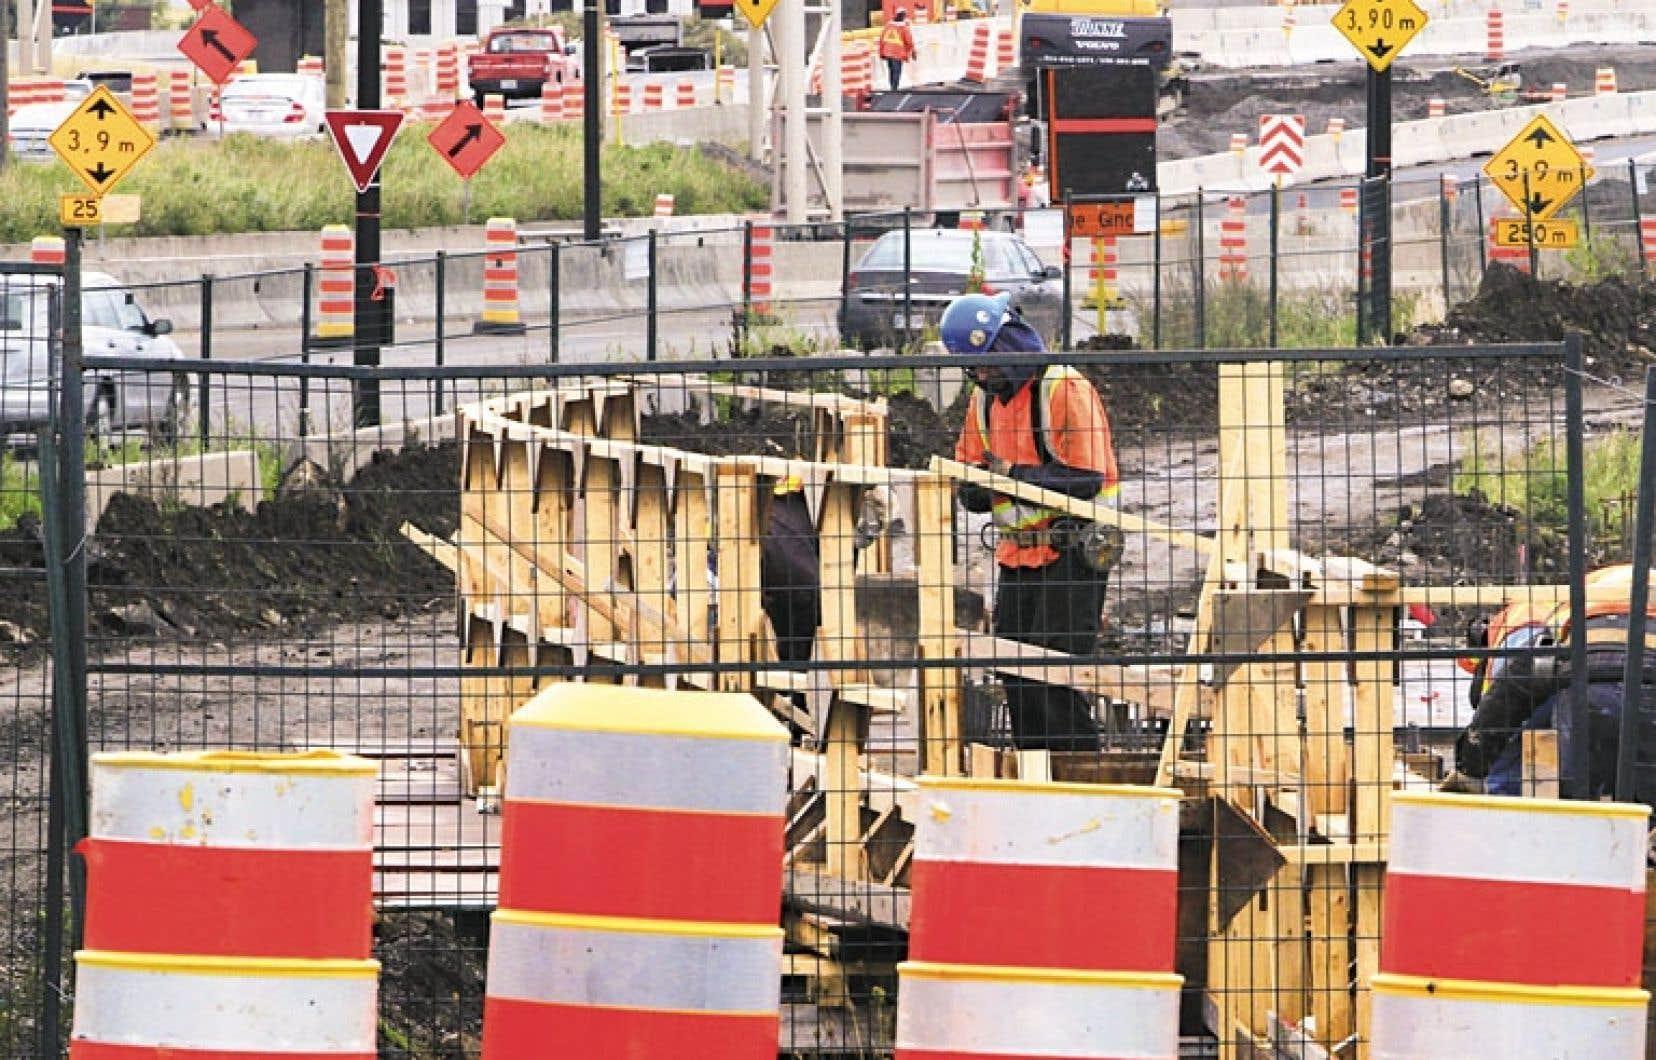 L'augmentation substantielle du nombre de chantiers, combinée à une réduction du personnel et à une perte d'expertise au sein du ministère des Transports du Québec, pourrait conduire à des problèmes d'éthique et de gouvernance, soutenait en 2008 le vérificateur interne Thomas Gagnon.